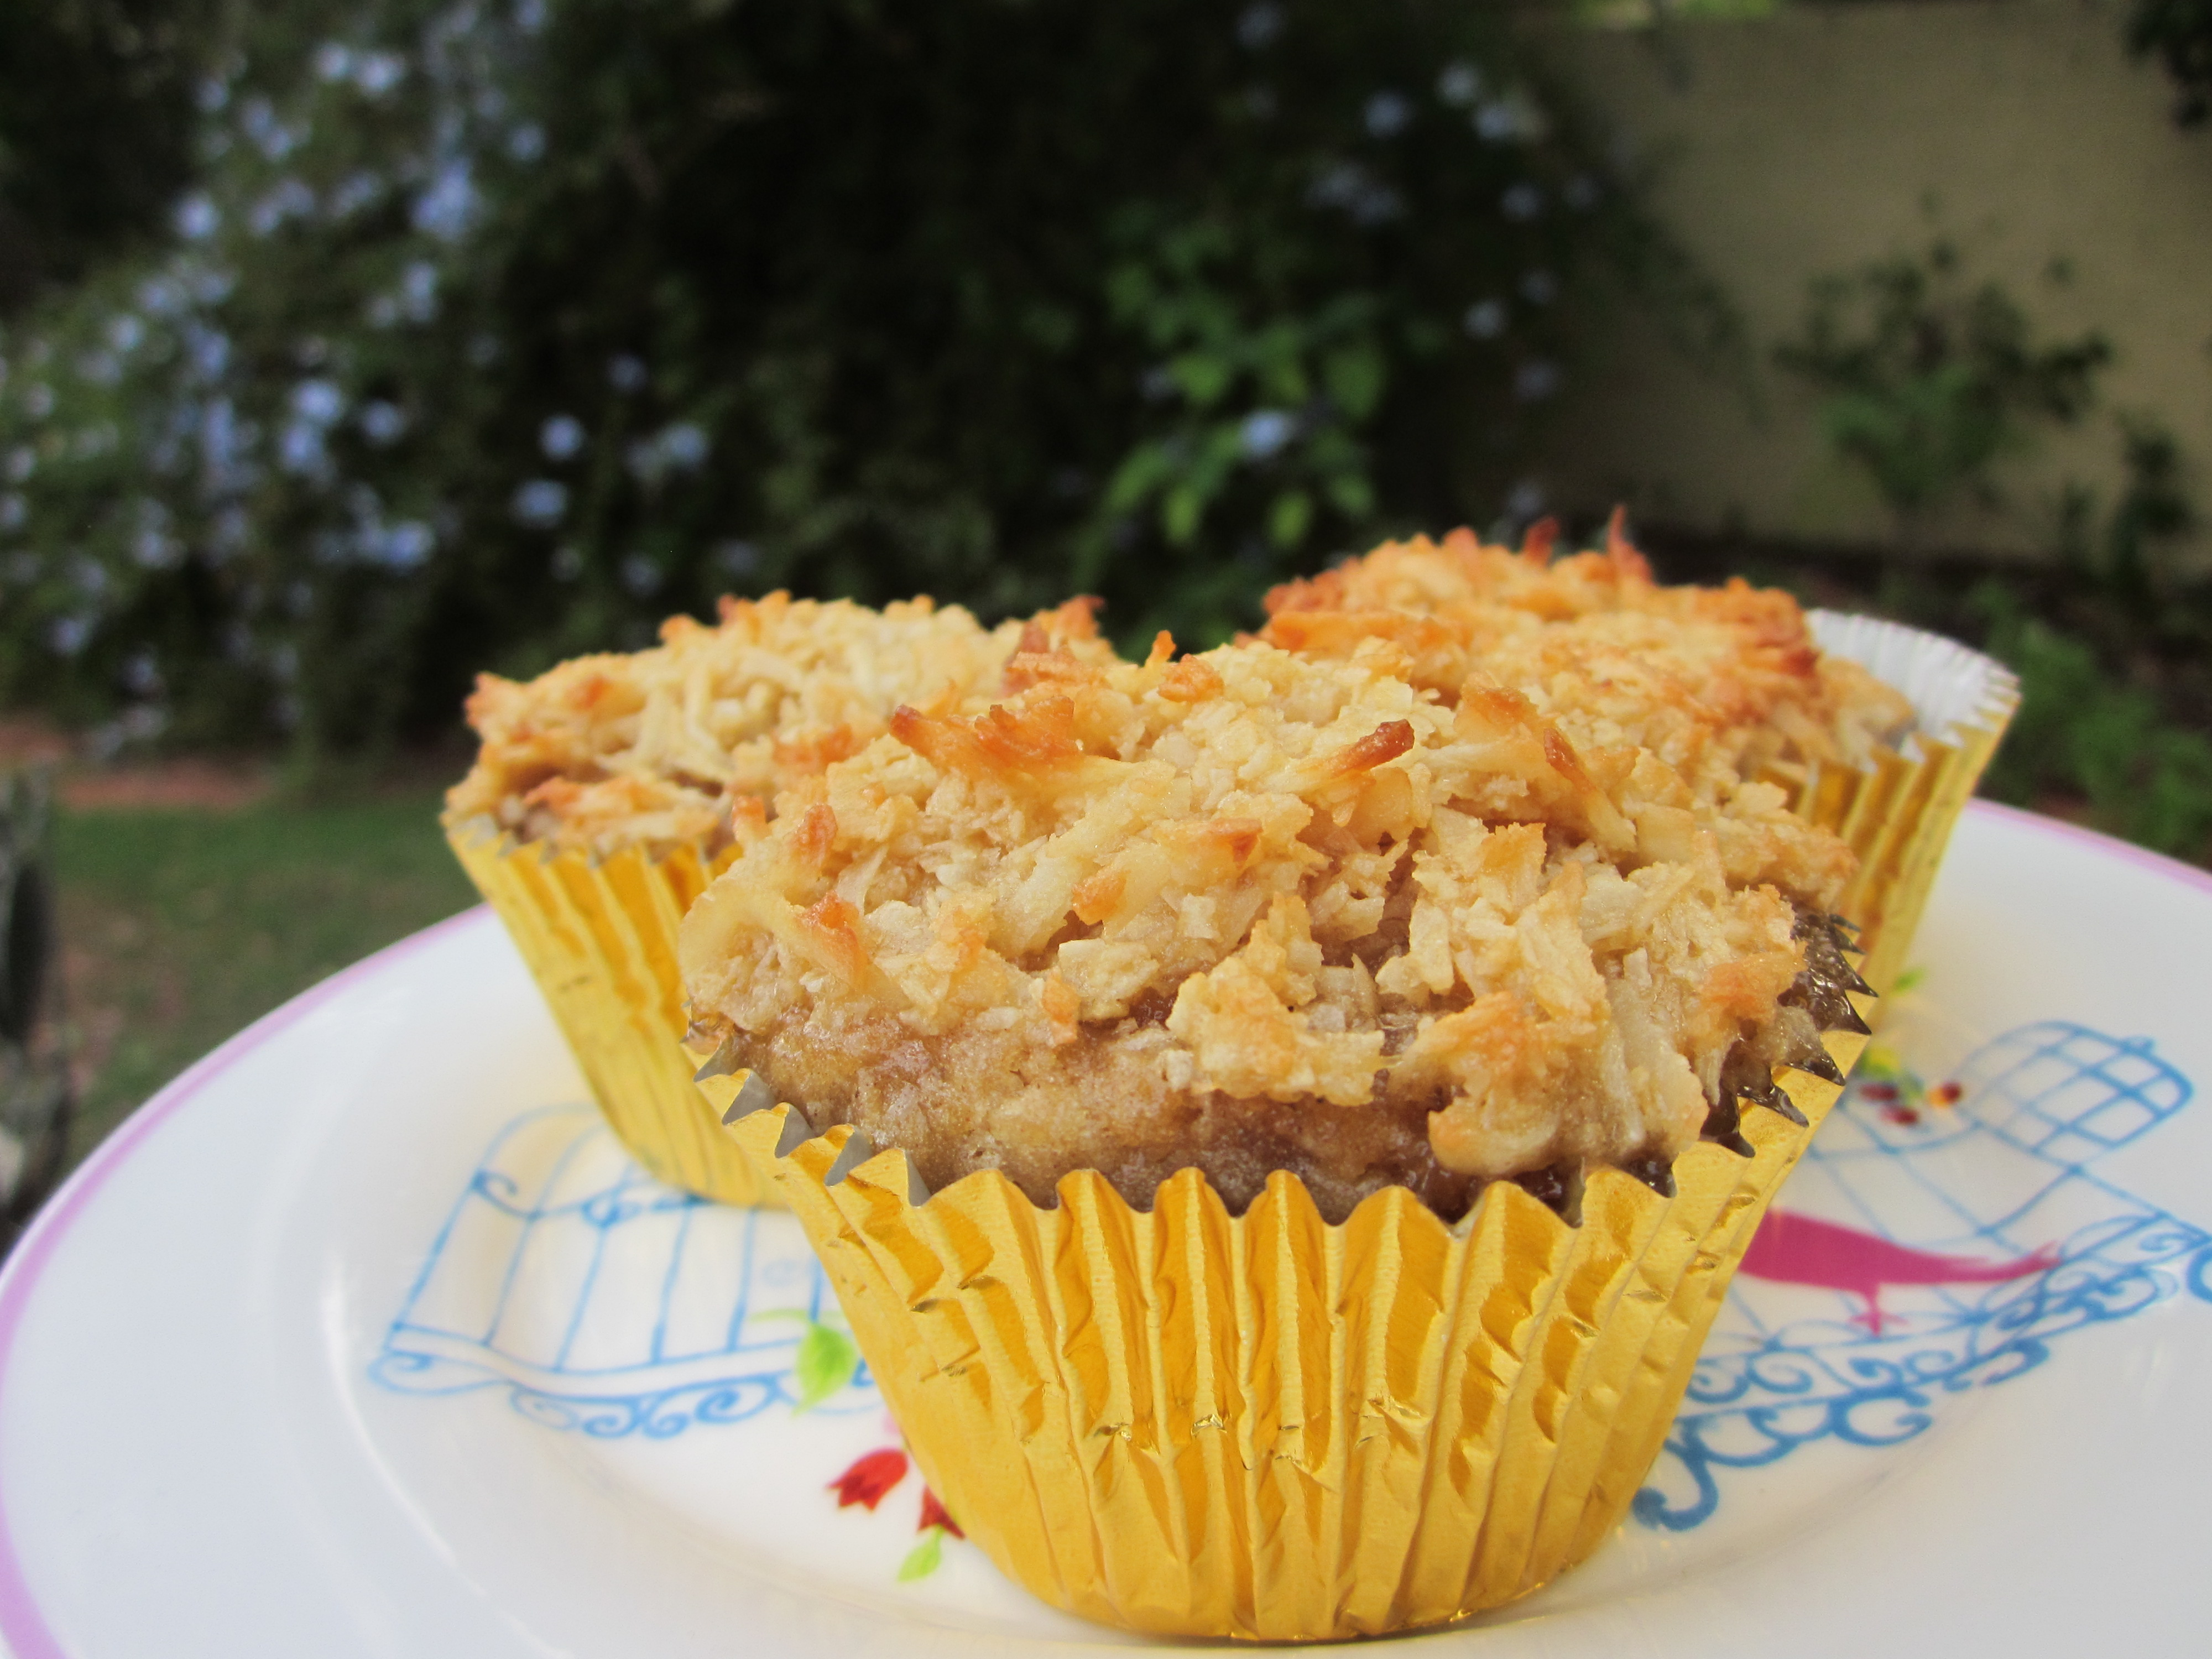 Hummingbird Cakes With Coconut Crust Myfoodmywayblog